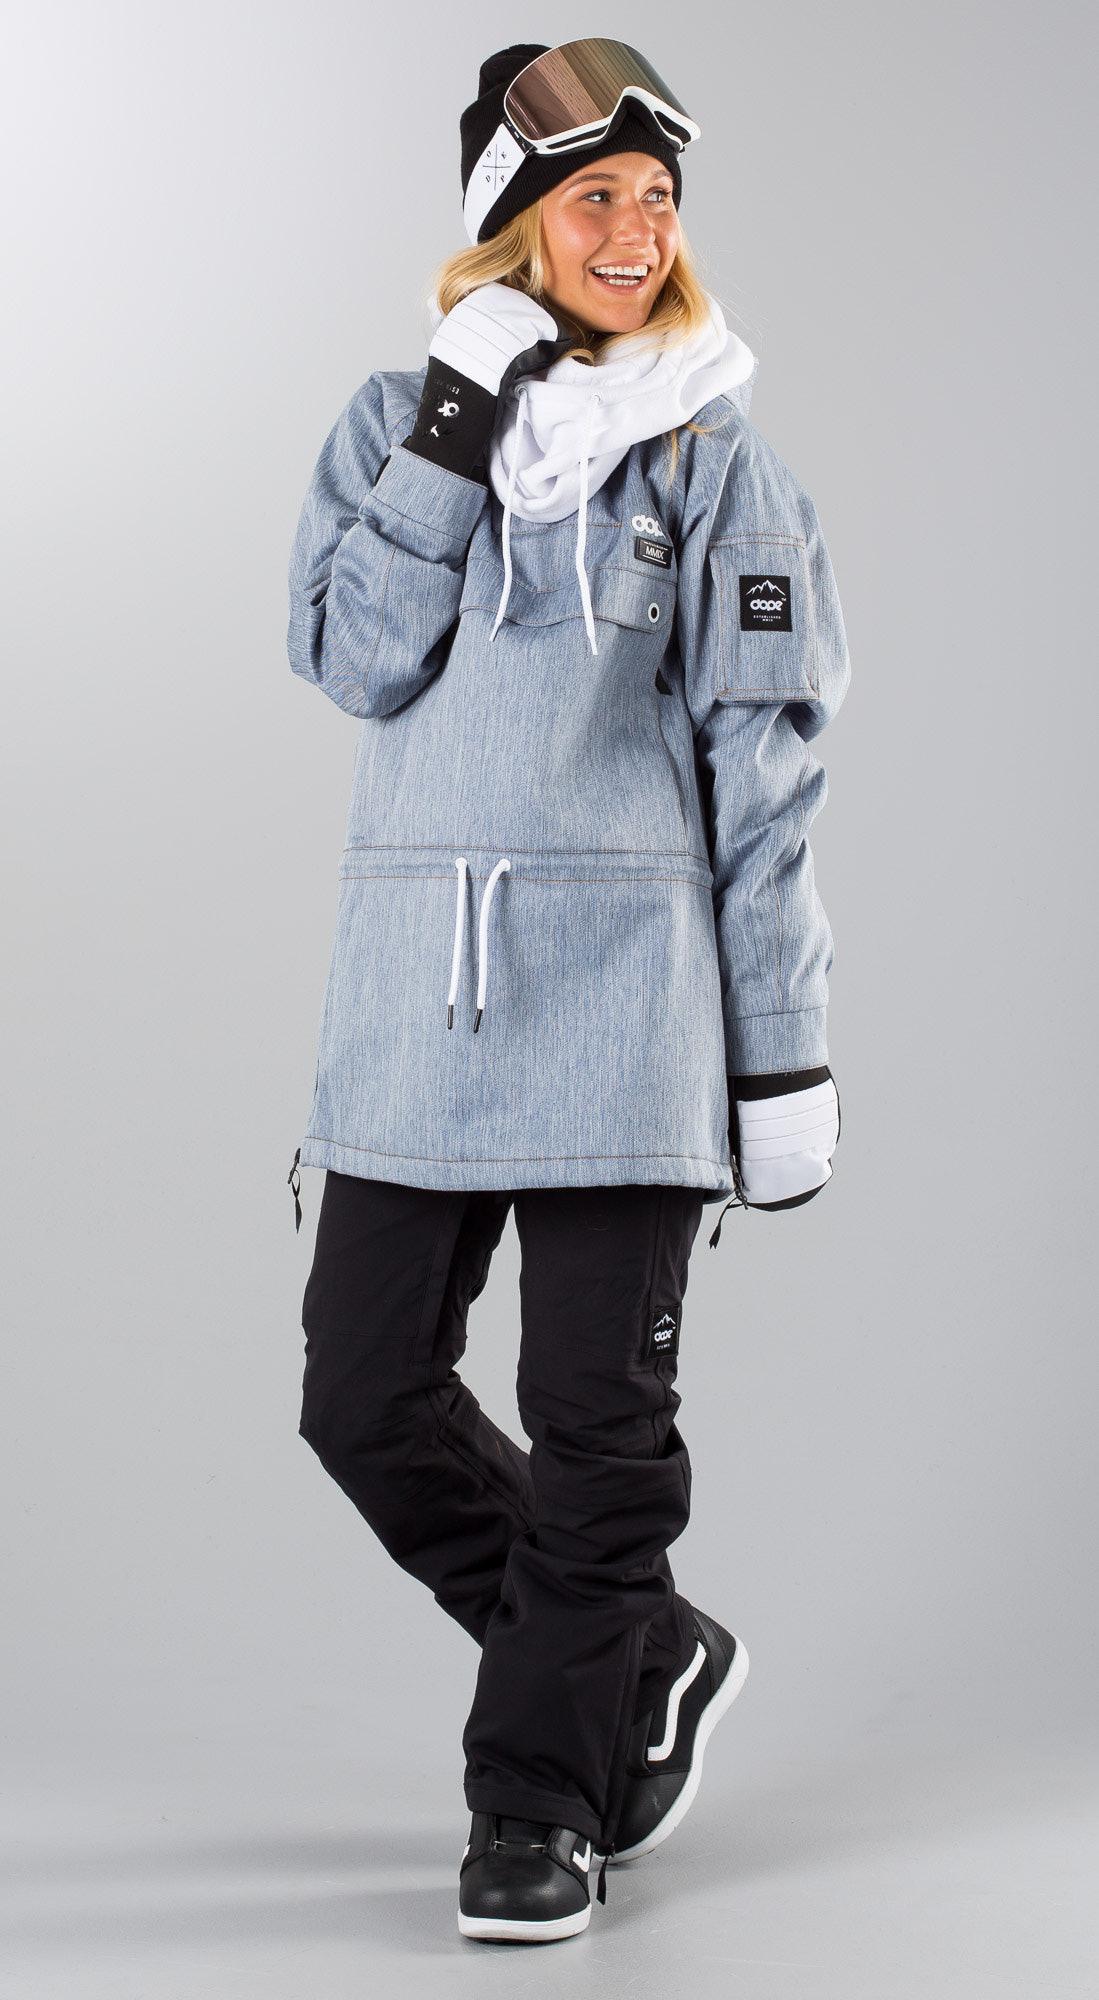 97983a7b Snowboardklær til jenter fra Adidas, Dope & Burton - Fri frakt ...